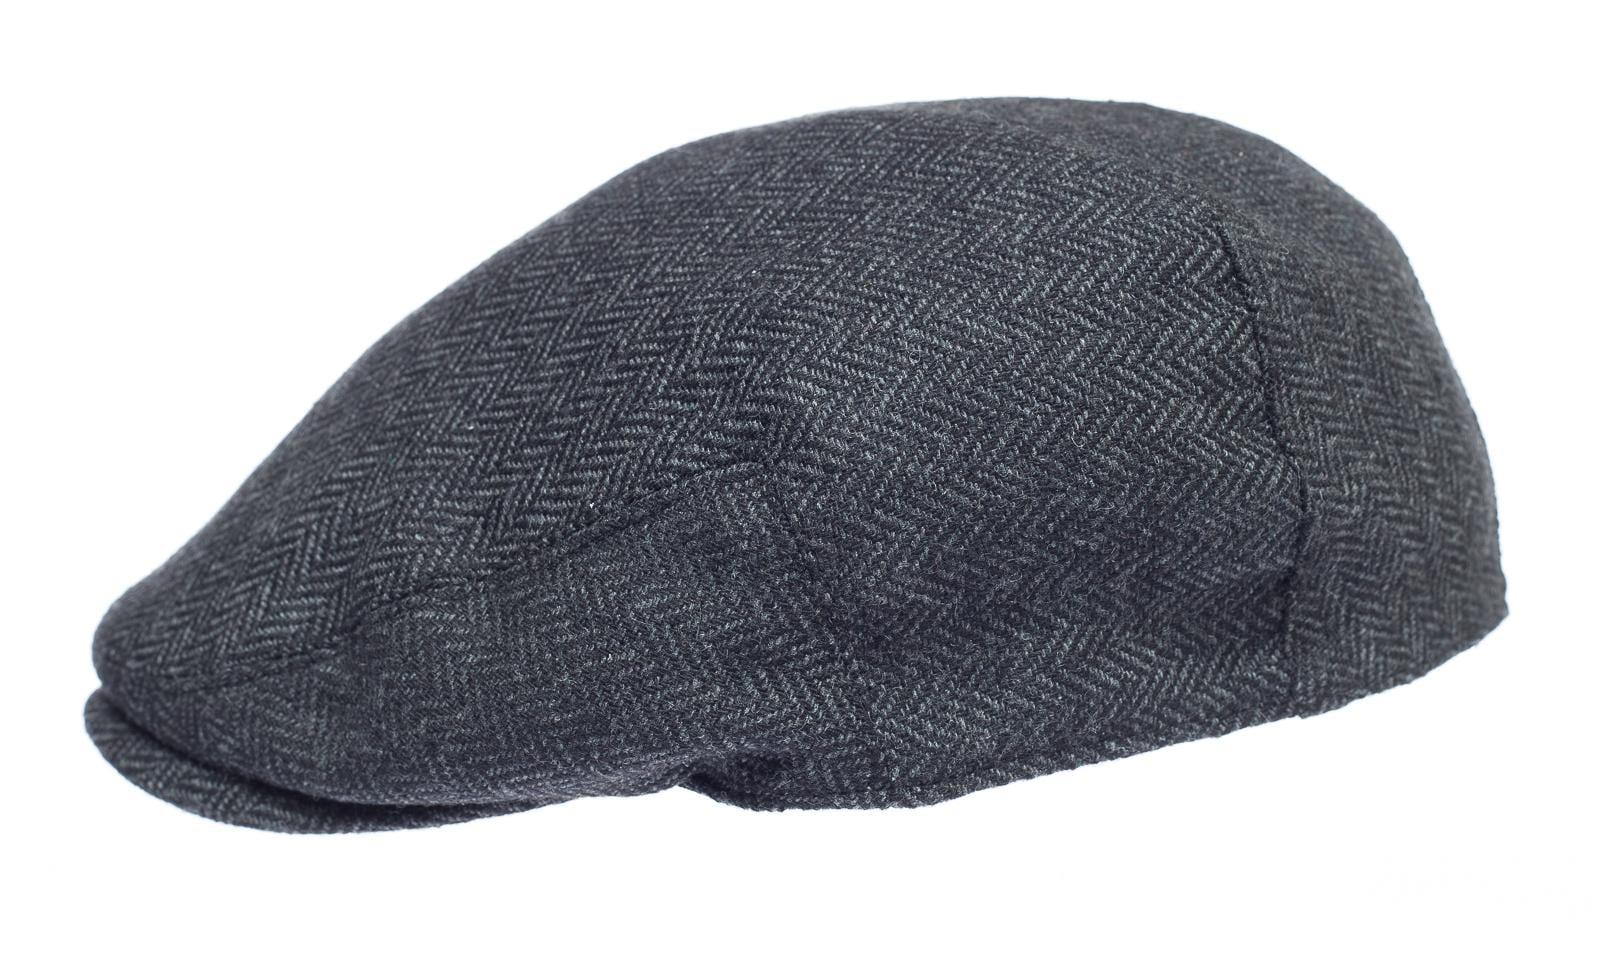 4185f51bcf9a8 Shop Newsboy Wool Blend Cap Paperboy Men Boy Gatsby Hipster Ivy Hat ...